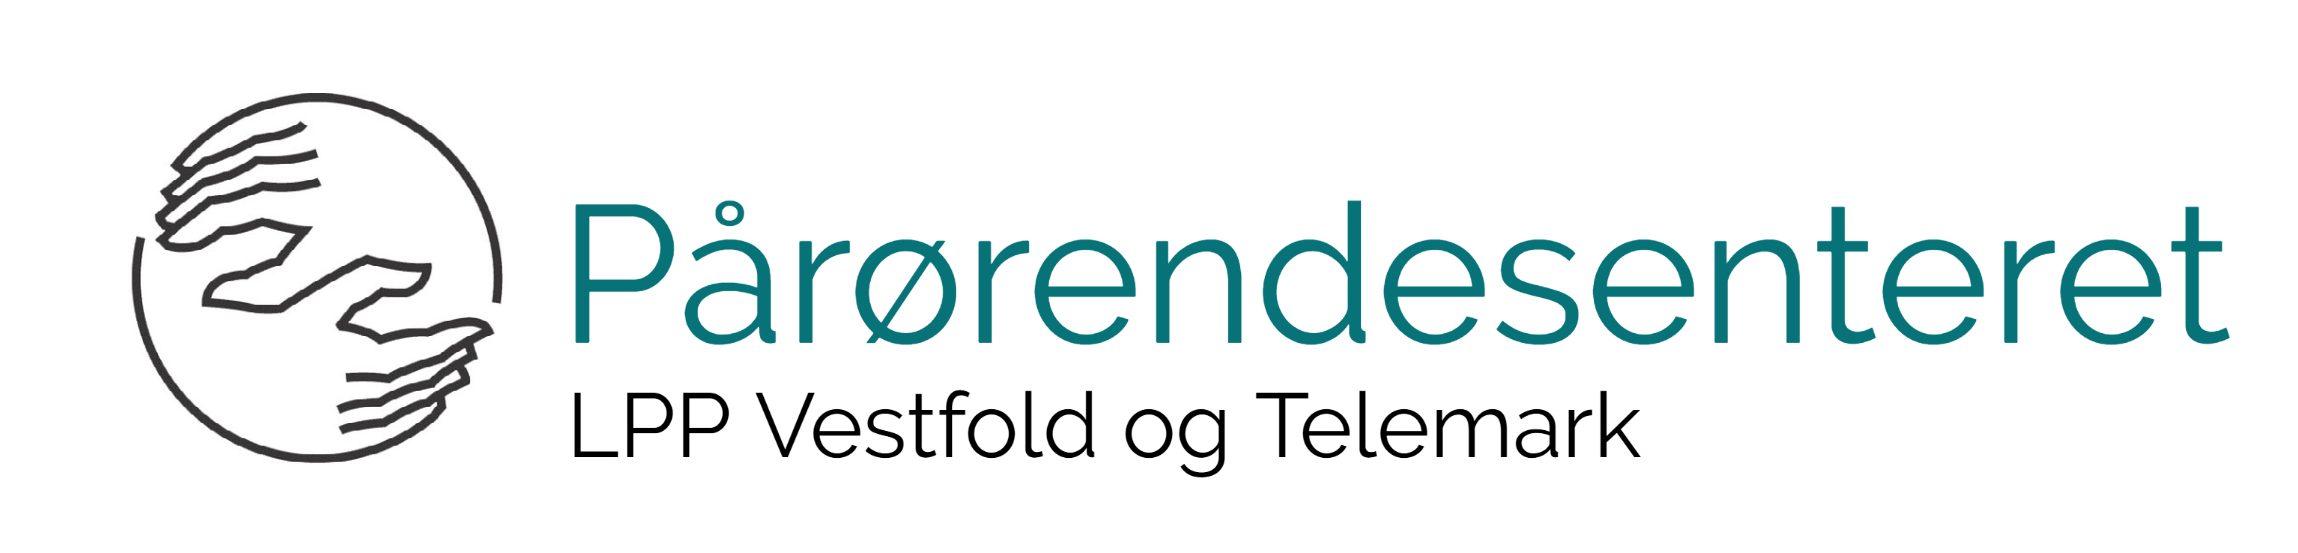 PIVETE Pårørendesenteret LPP Vestfold og Telemark